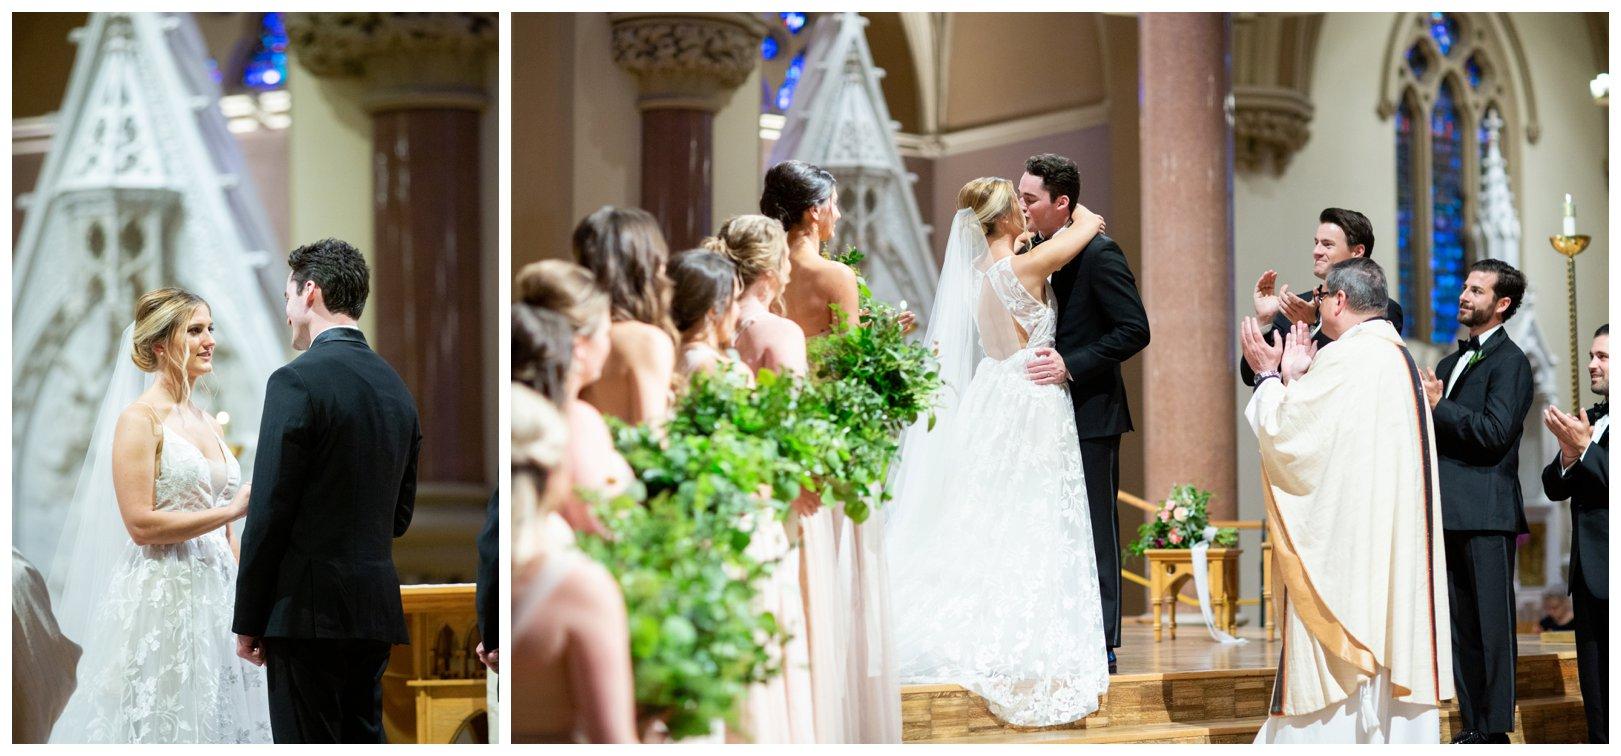 lauren muckler photography_fine art film wedding photography_st louis_photography_3194.jpg